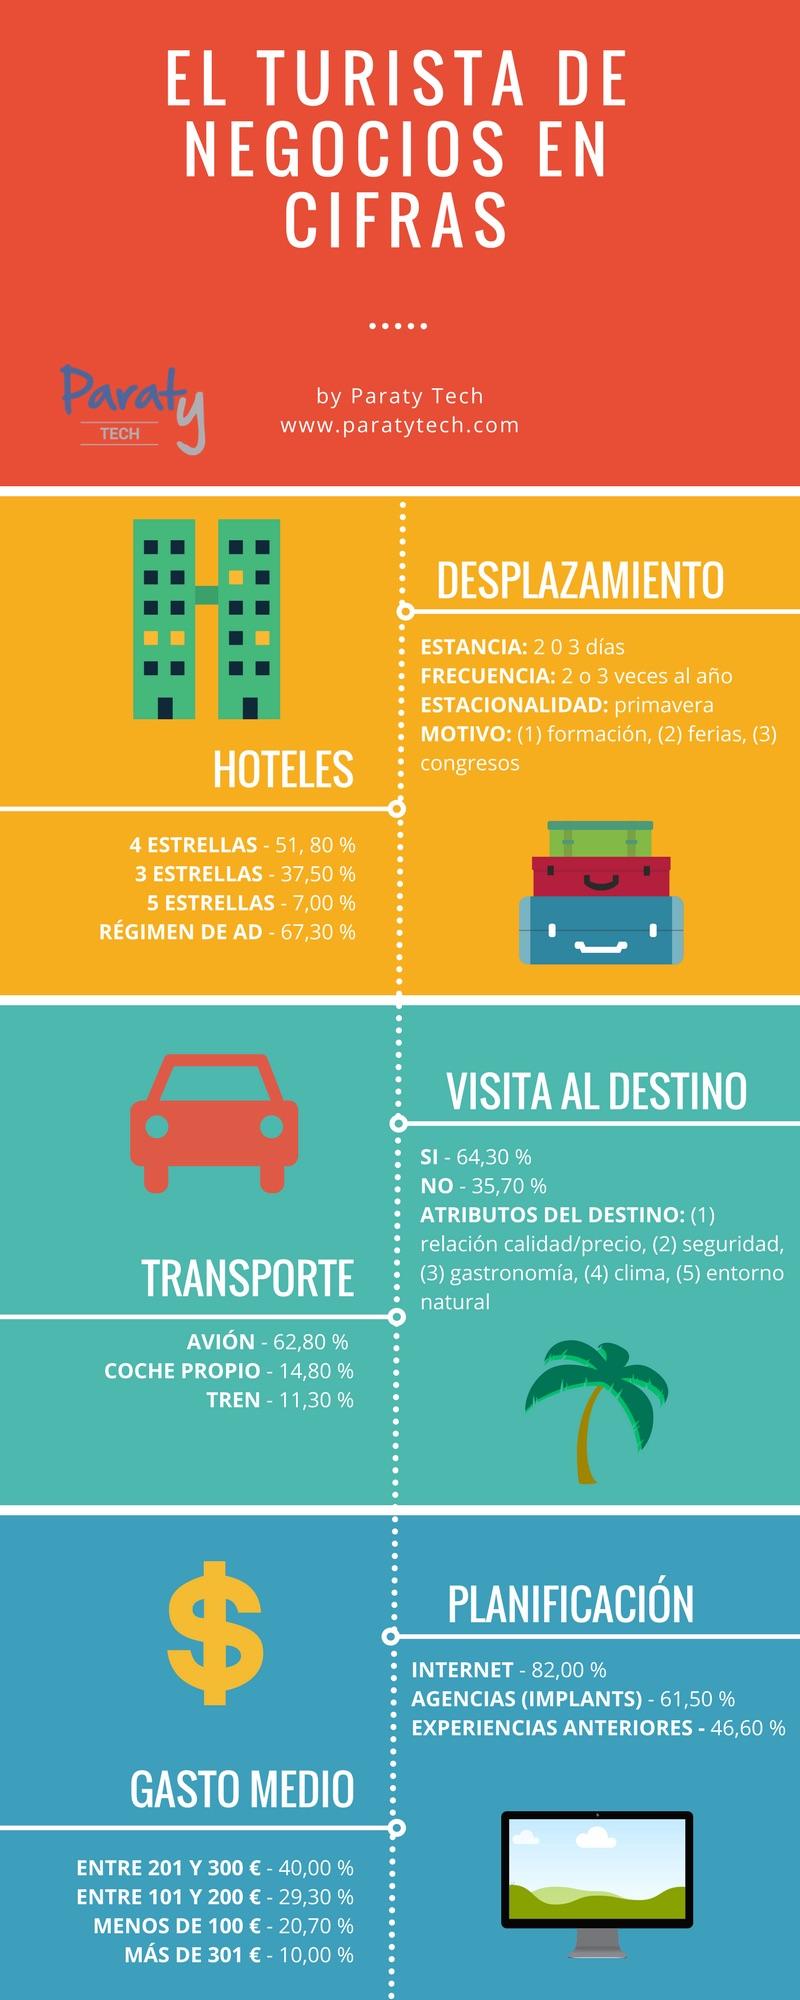 El turista de negocios en cifras